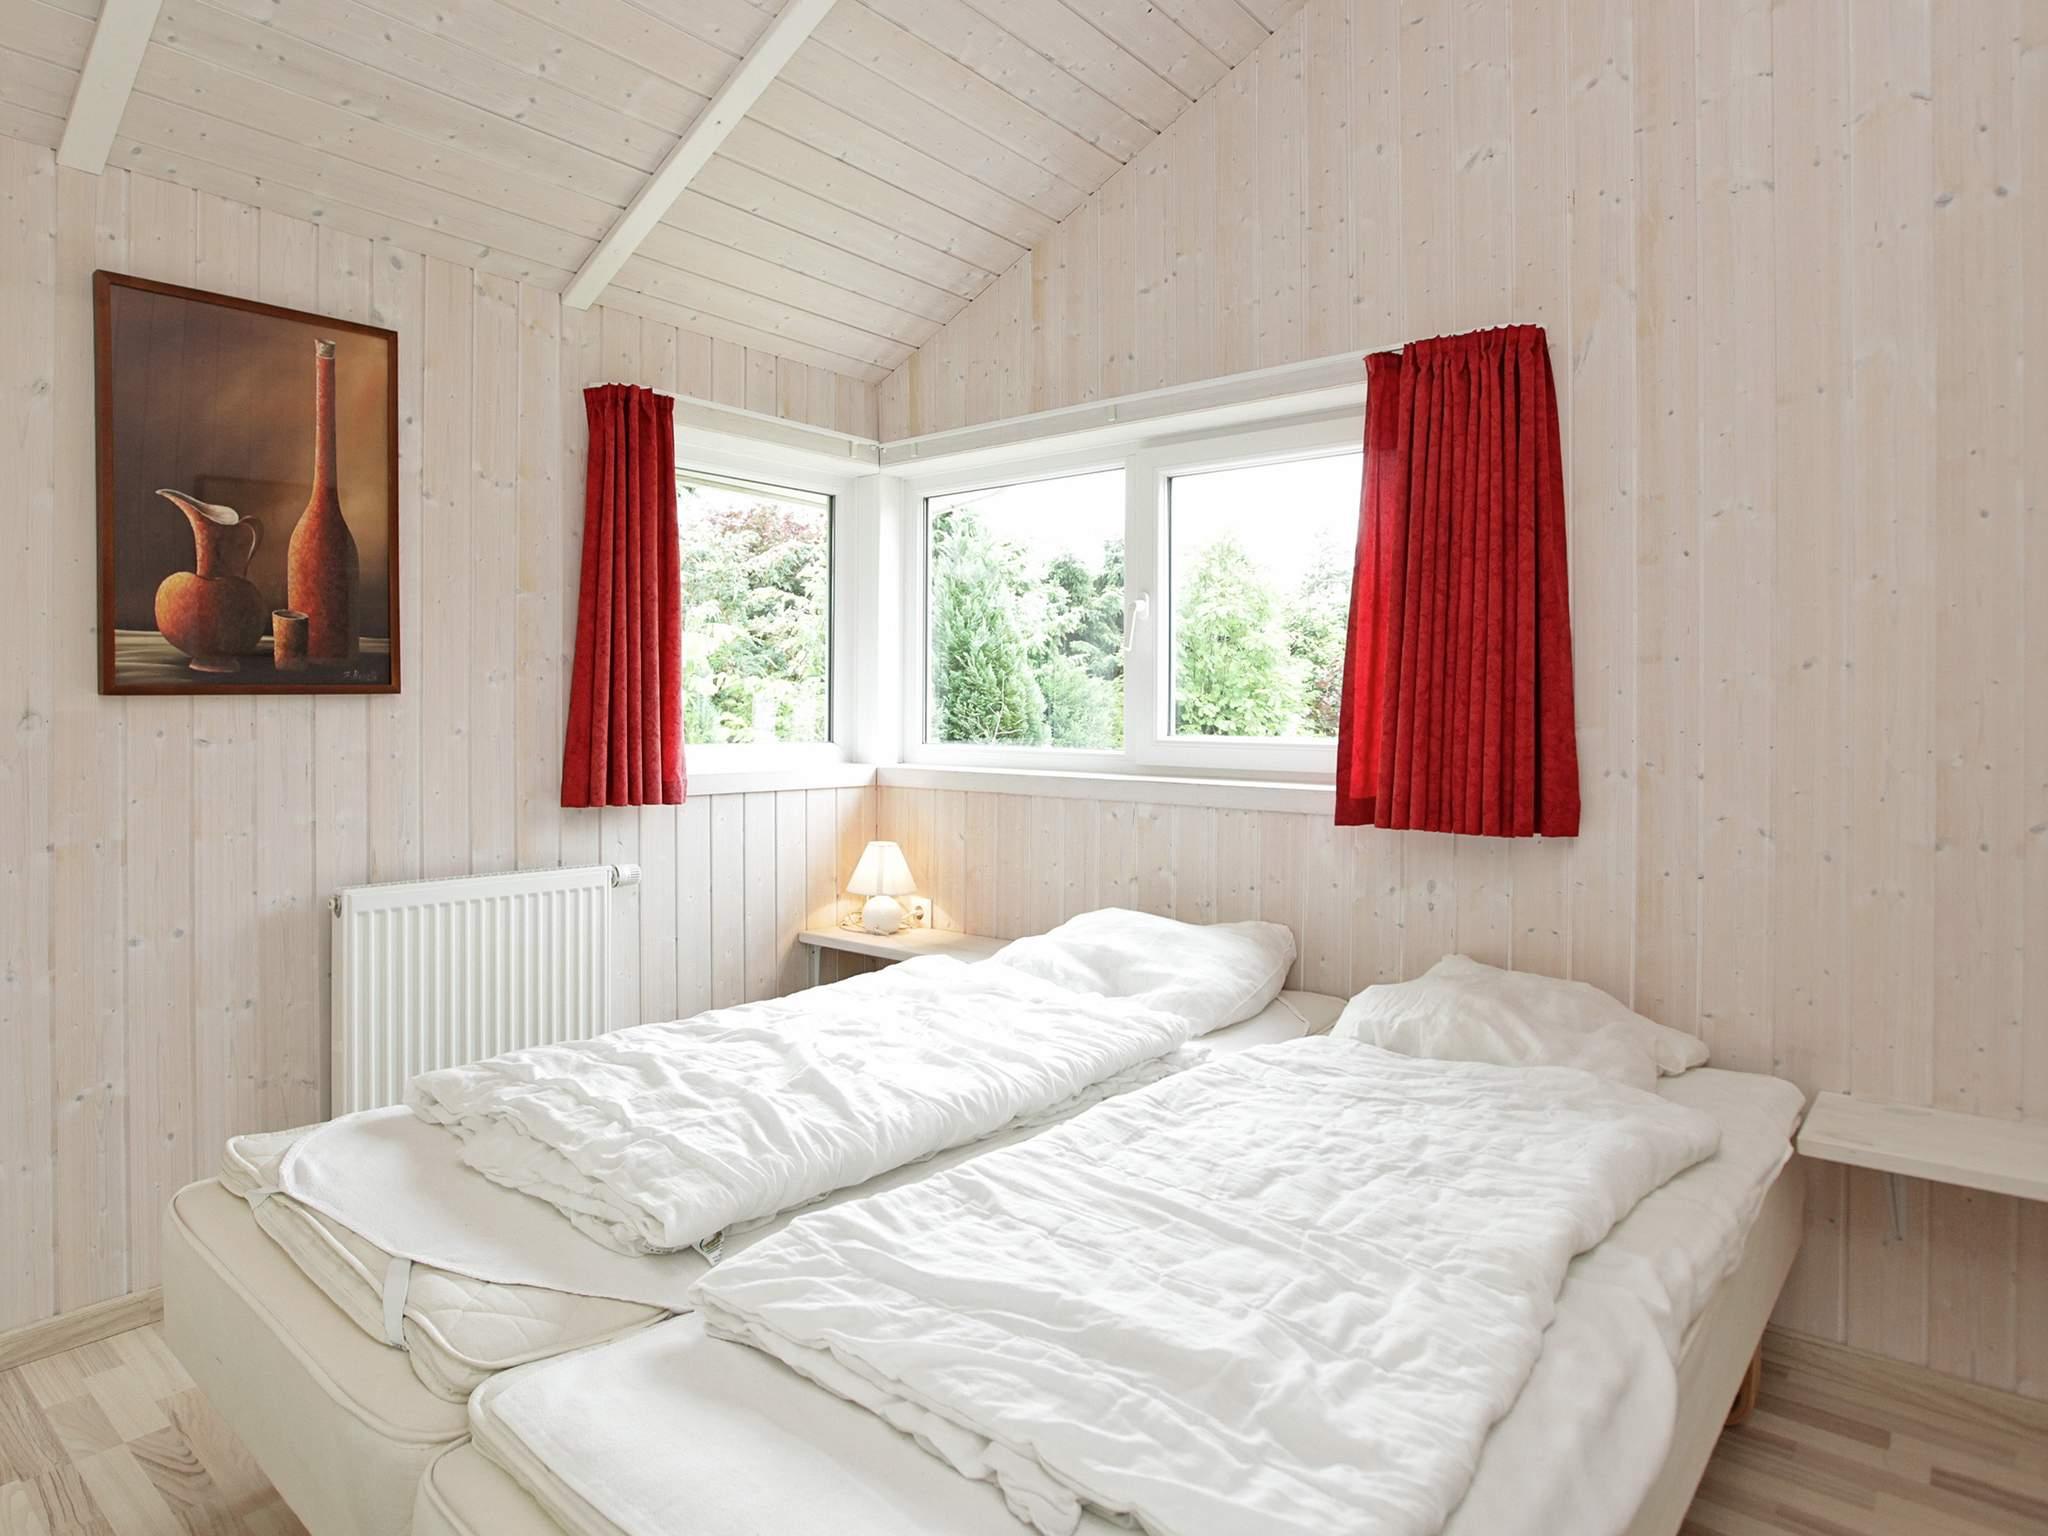 Maison de vacances Grömitz (259537), Grömitz, Baie de Lübeck, Schleswig-Holstein, Allemagne, image 8